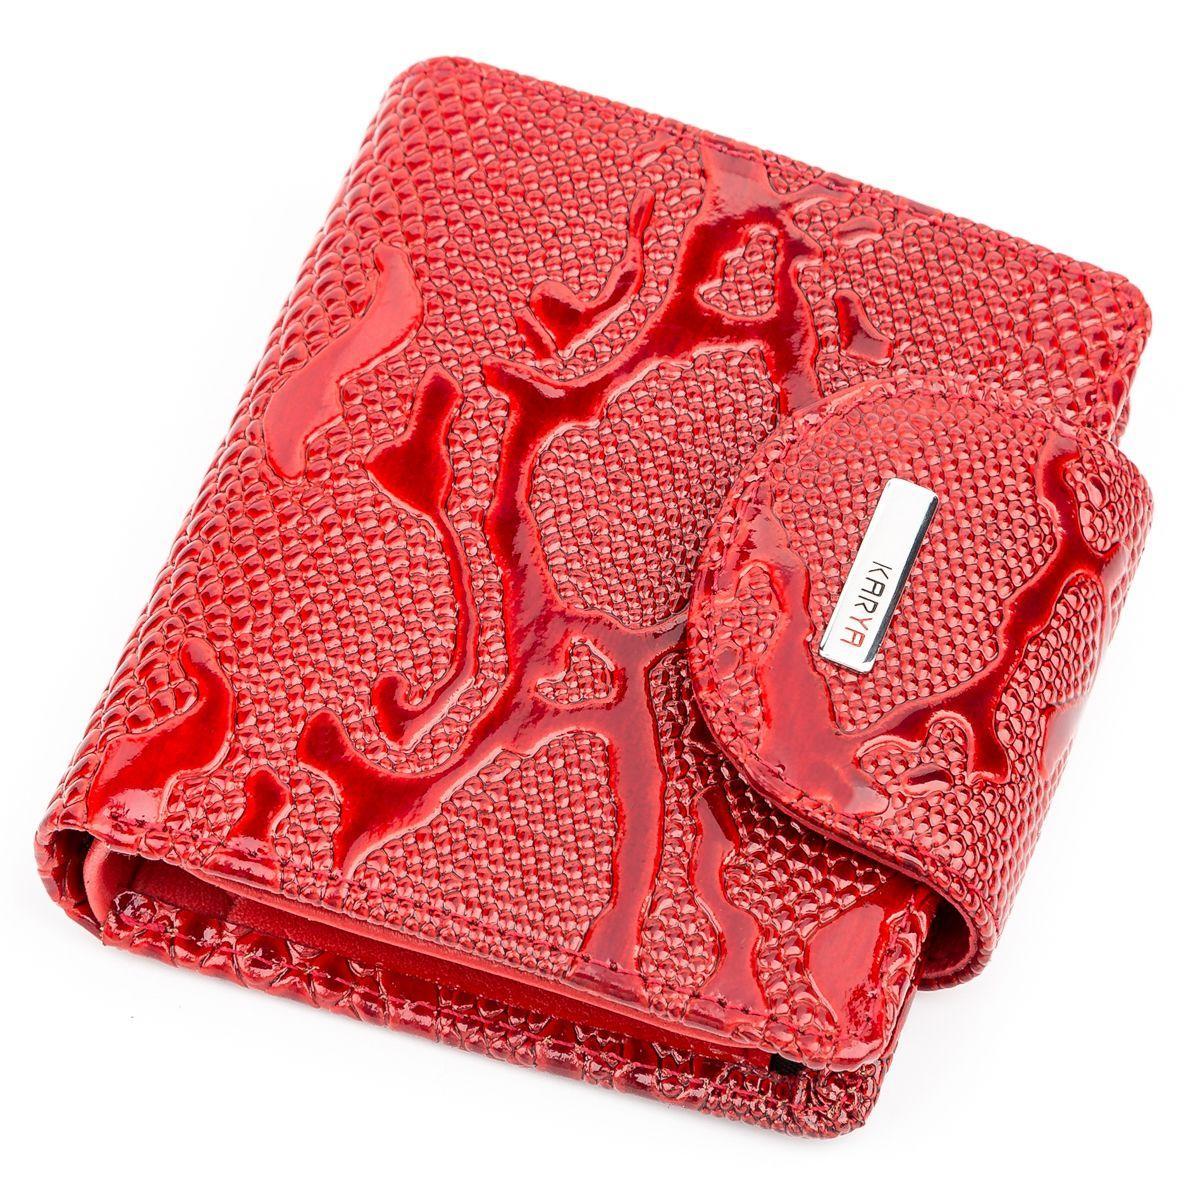 Кошелек женский KARYA 17166 кожаный Красный, Красный